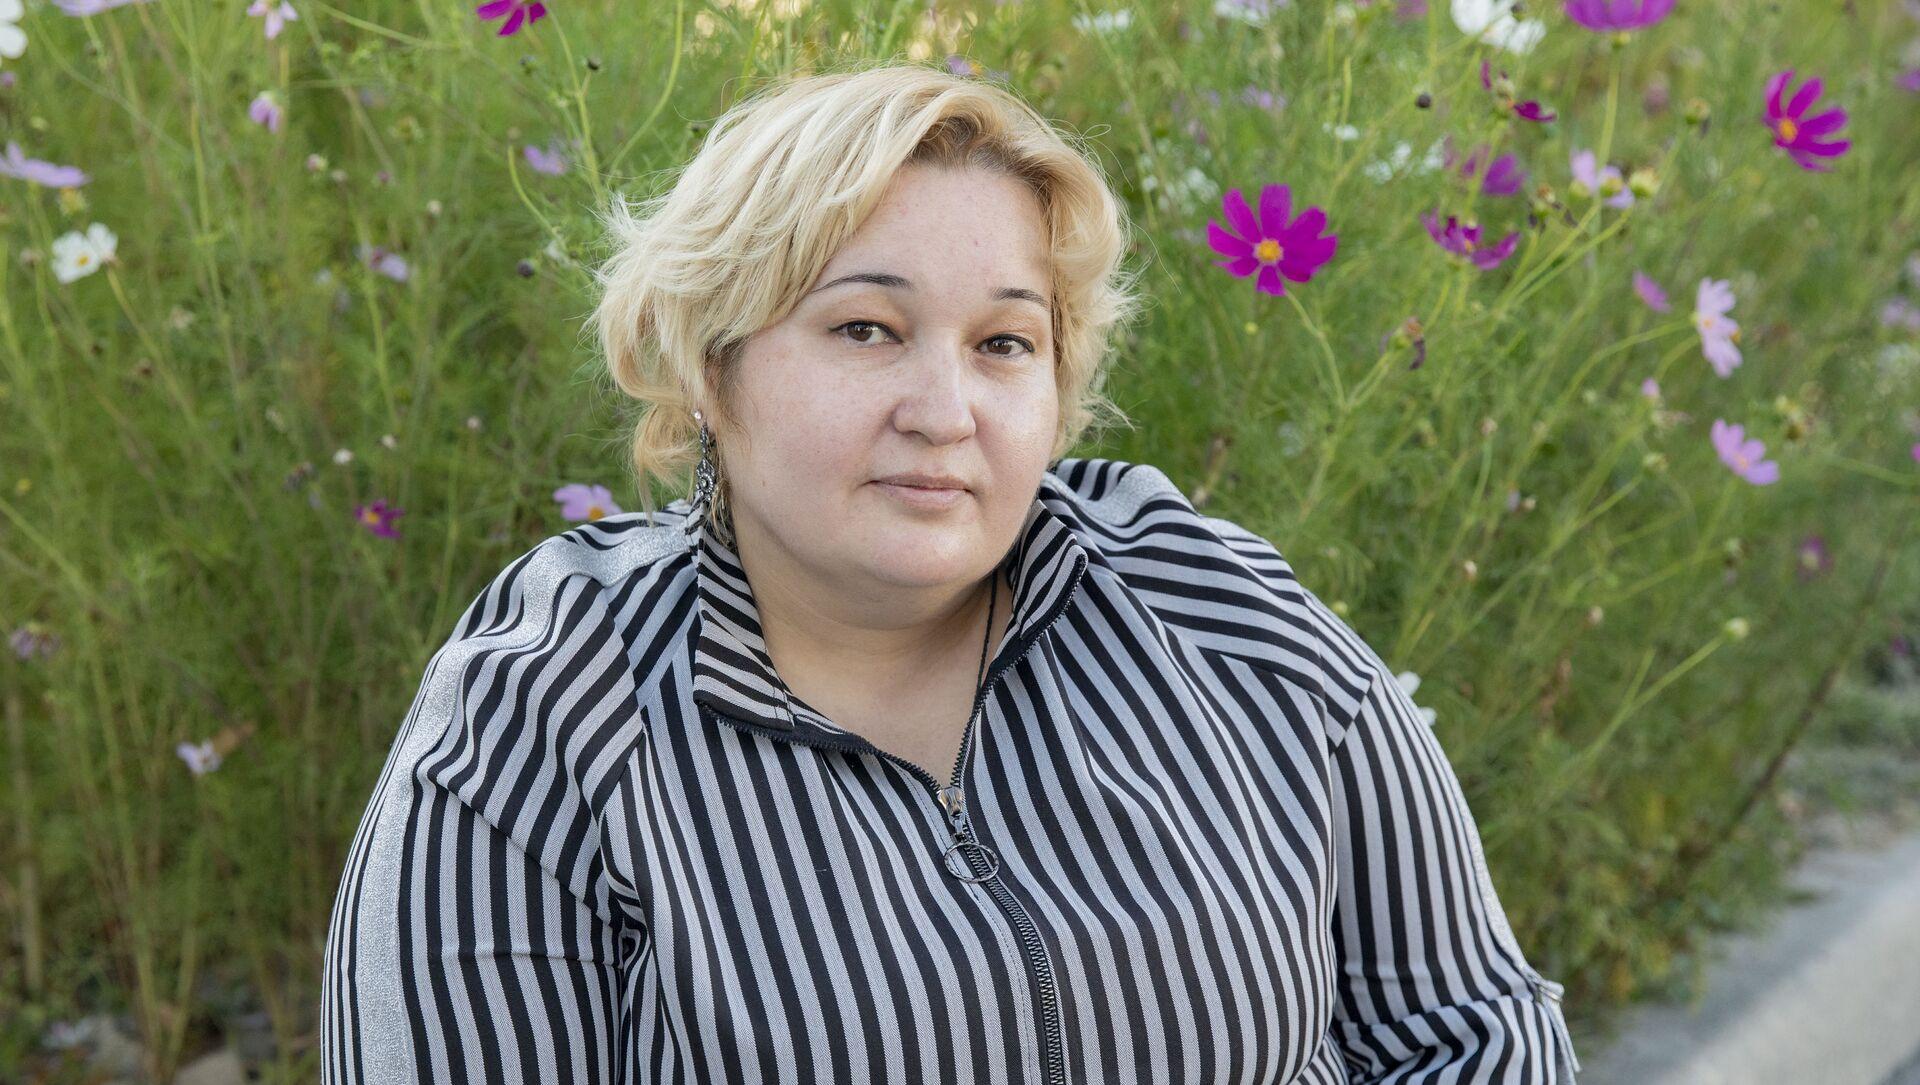 Ирина Кабулова - Sputnik Южная Осетия, 1920, 18.09.2021